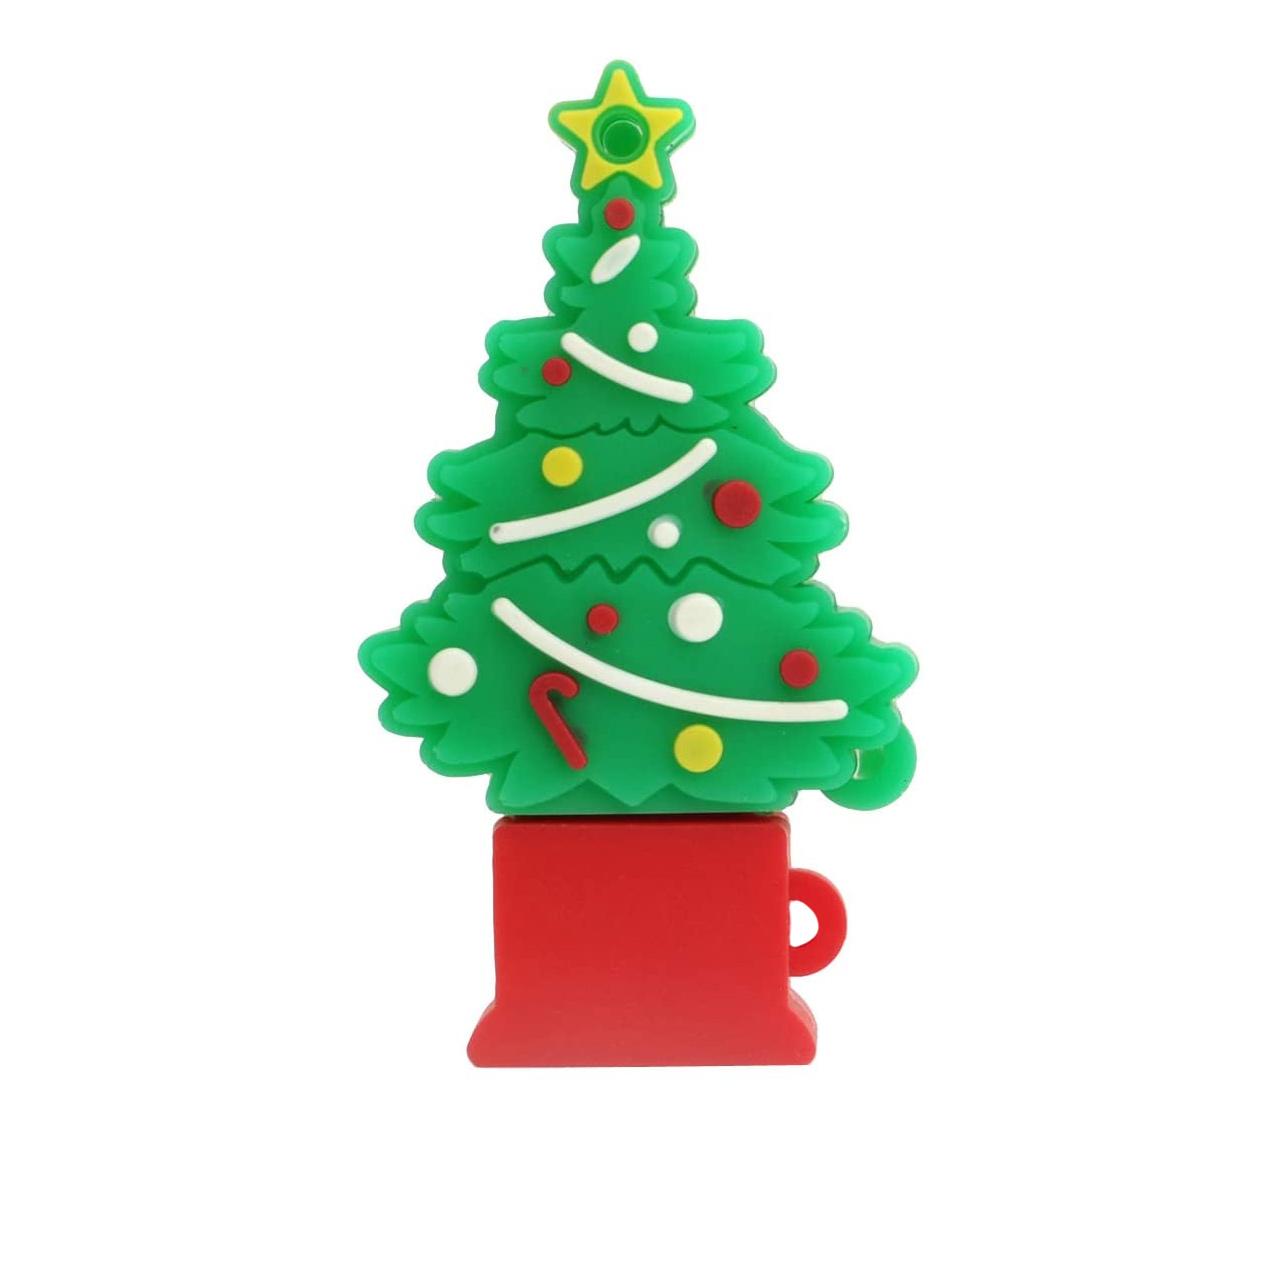 بررسی و خرید [با تخفیف]                                     فلش مموری طرح درخت کریسمس مدل DPL1013-U3 ظرفیت 64 گیگابایت                             اورجینال